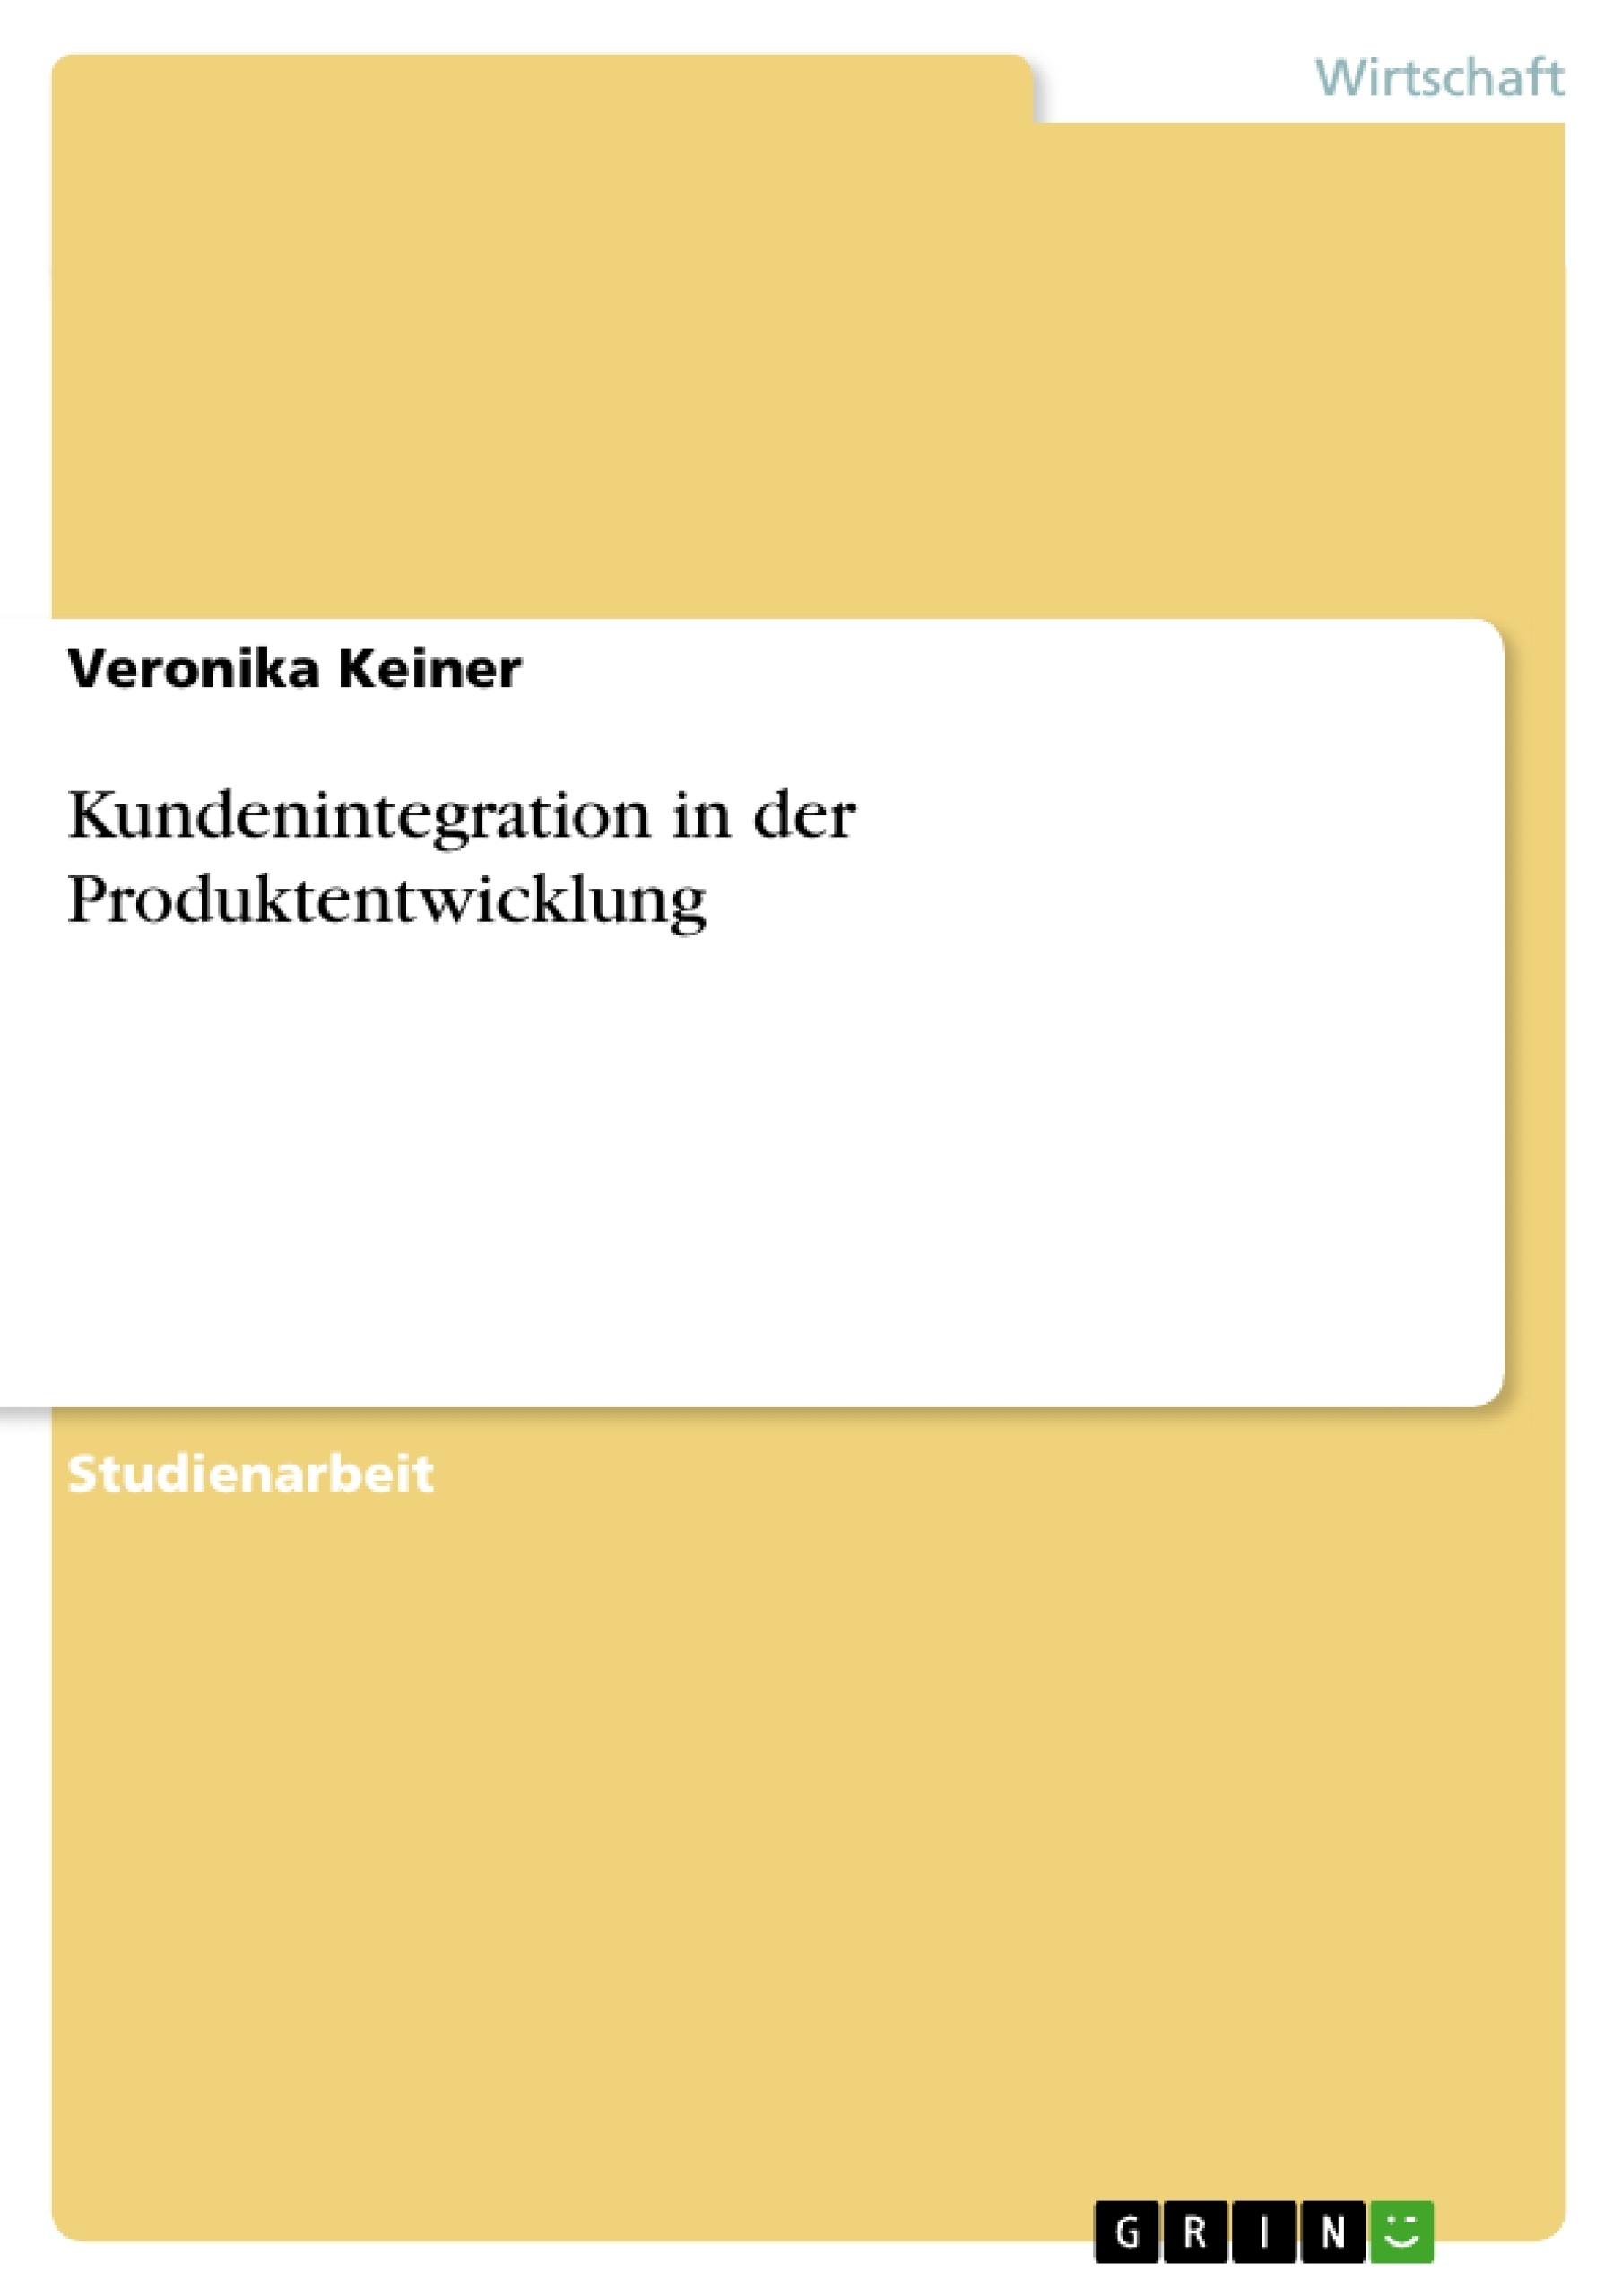 Titel: Kundenintegration in der Produktentwicklung